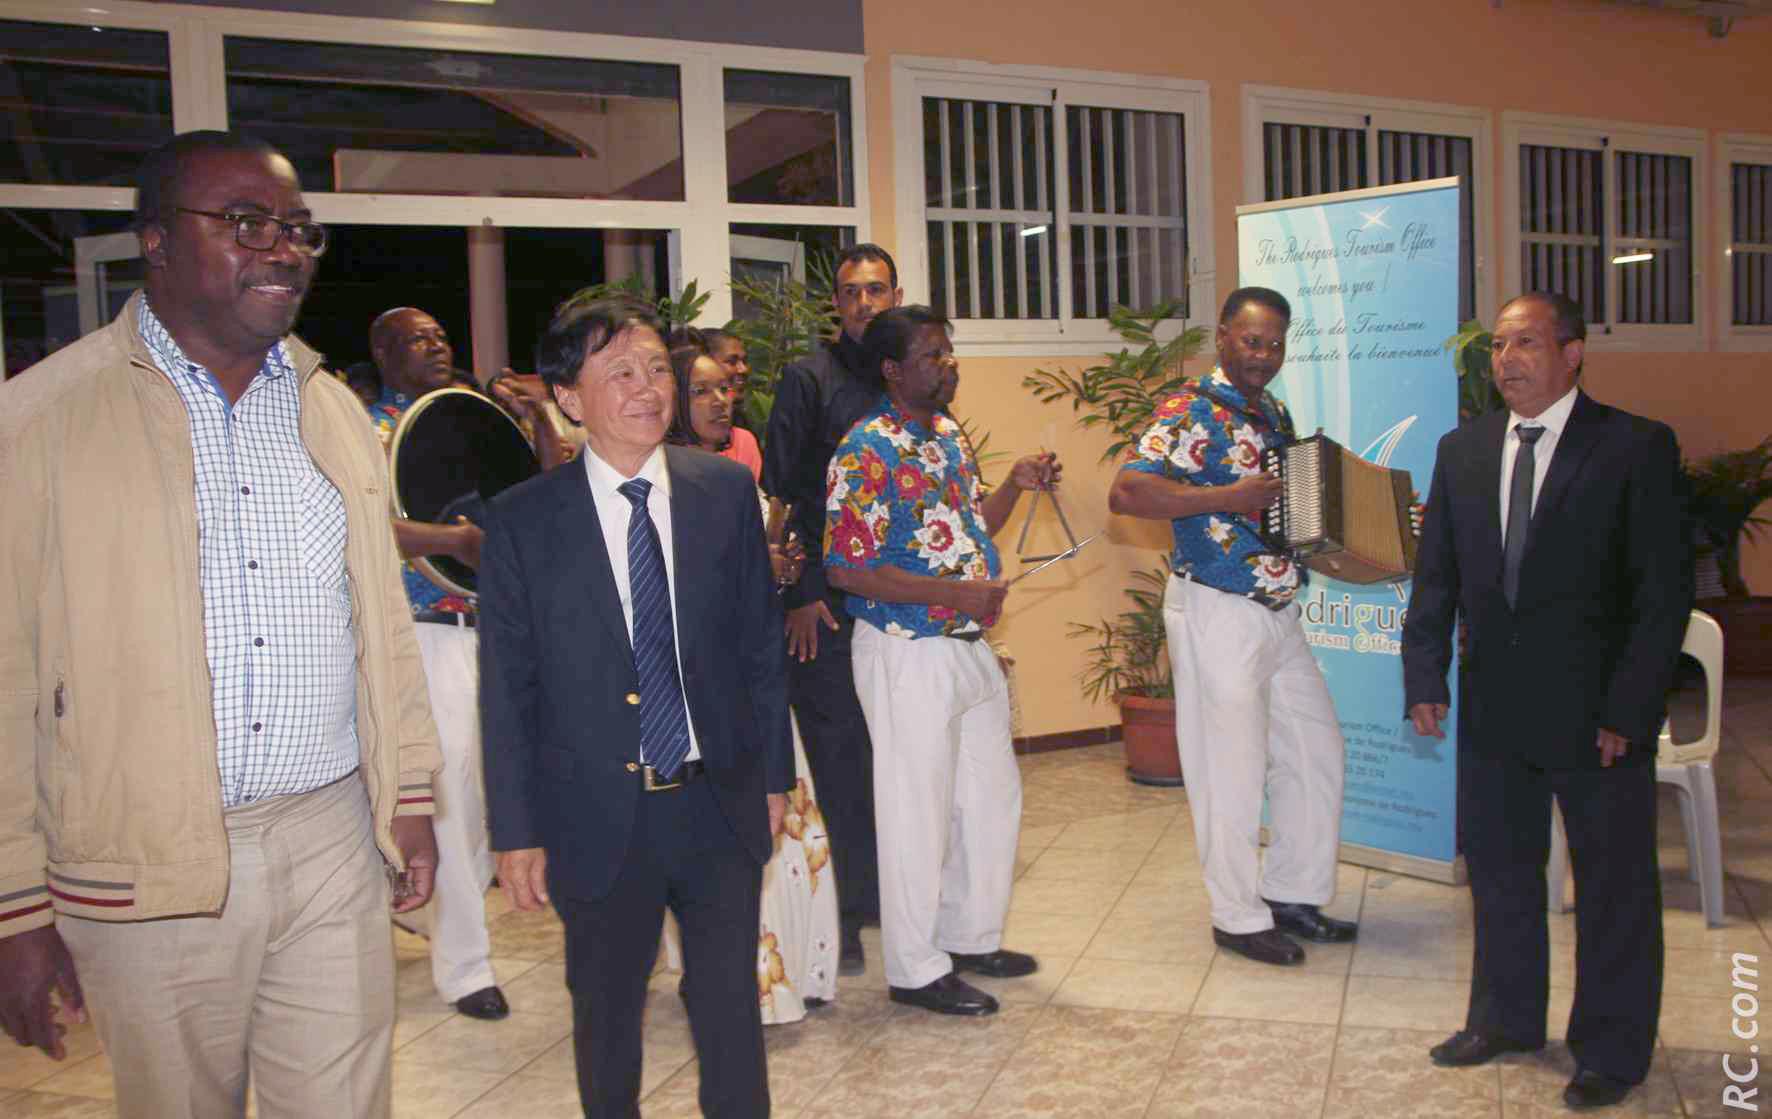 Accueil à la salle des fêtes du 12ème km au Tampon, avec une troupe de musique traditionnelle de Rodrigues.